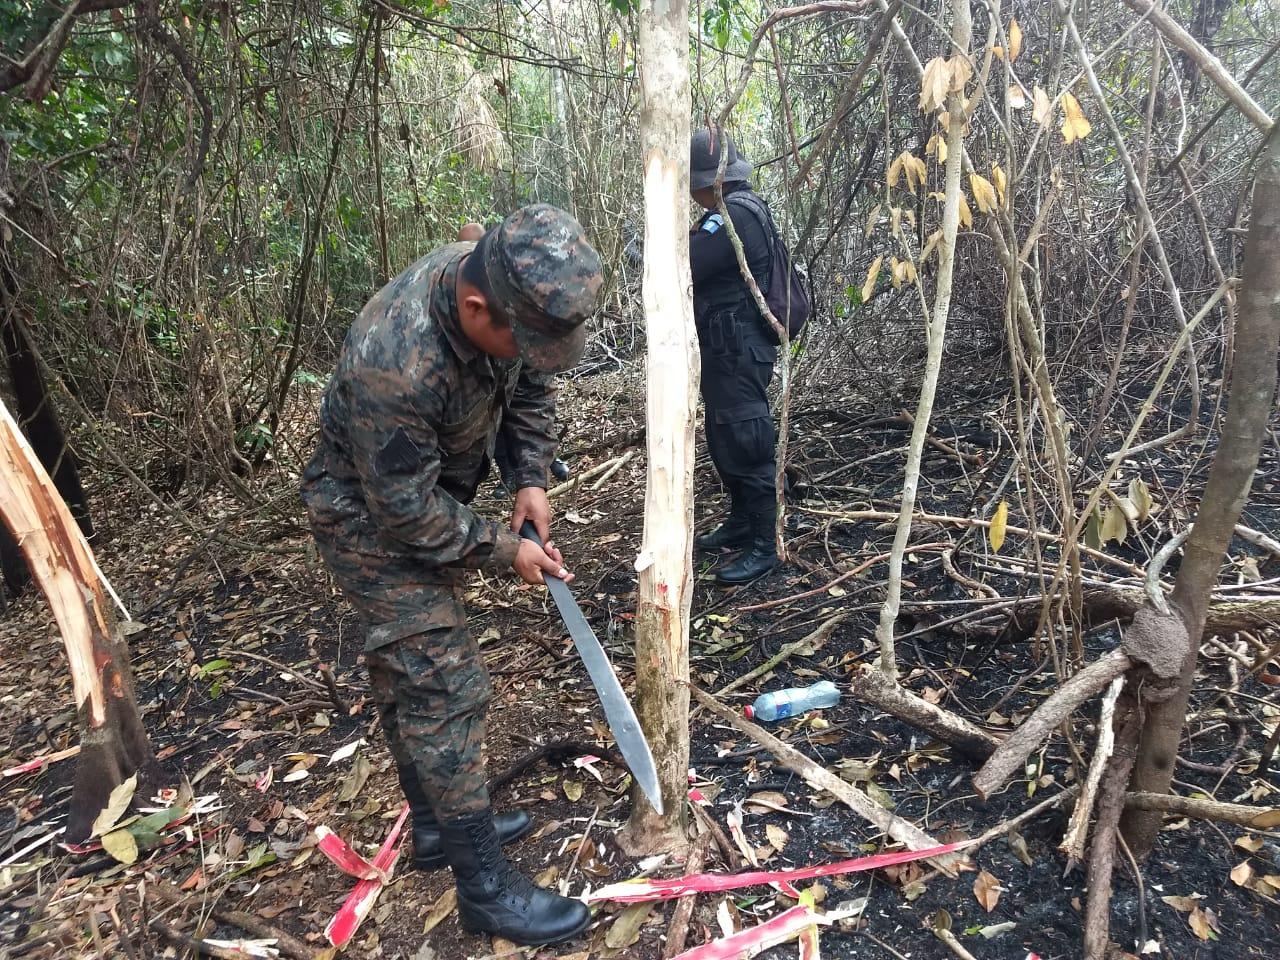 Militares que controlaban un incendio forestal descubrieron marcas en el área, que se presume indican los lugares que serían invadidos después de los siniestros. (Foto Prensa Libre: Ejército de Guatemala)